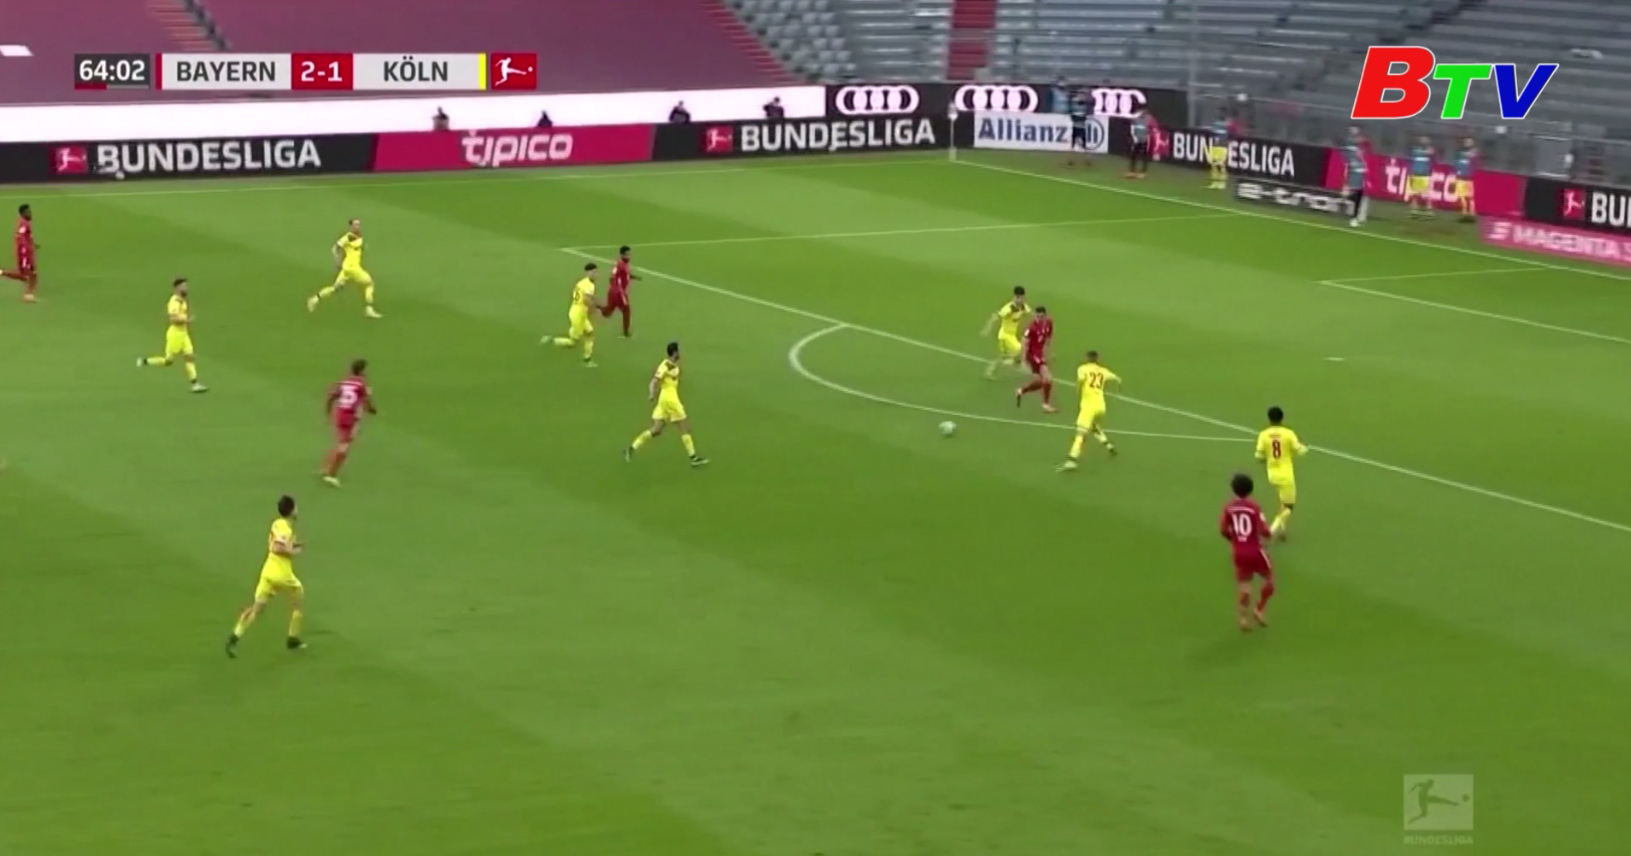 Vòng 23 Bundesliga – Bayern Munich 5-1 Cologne